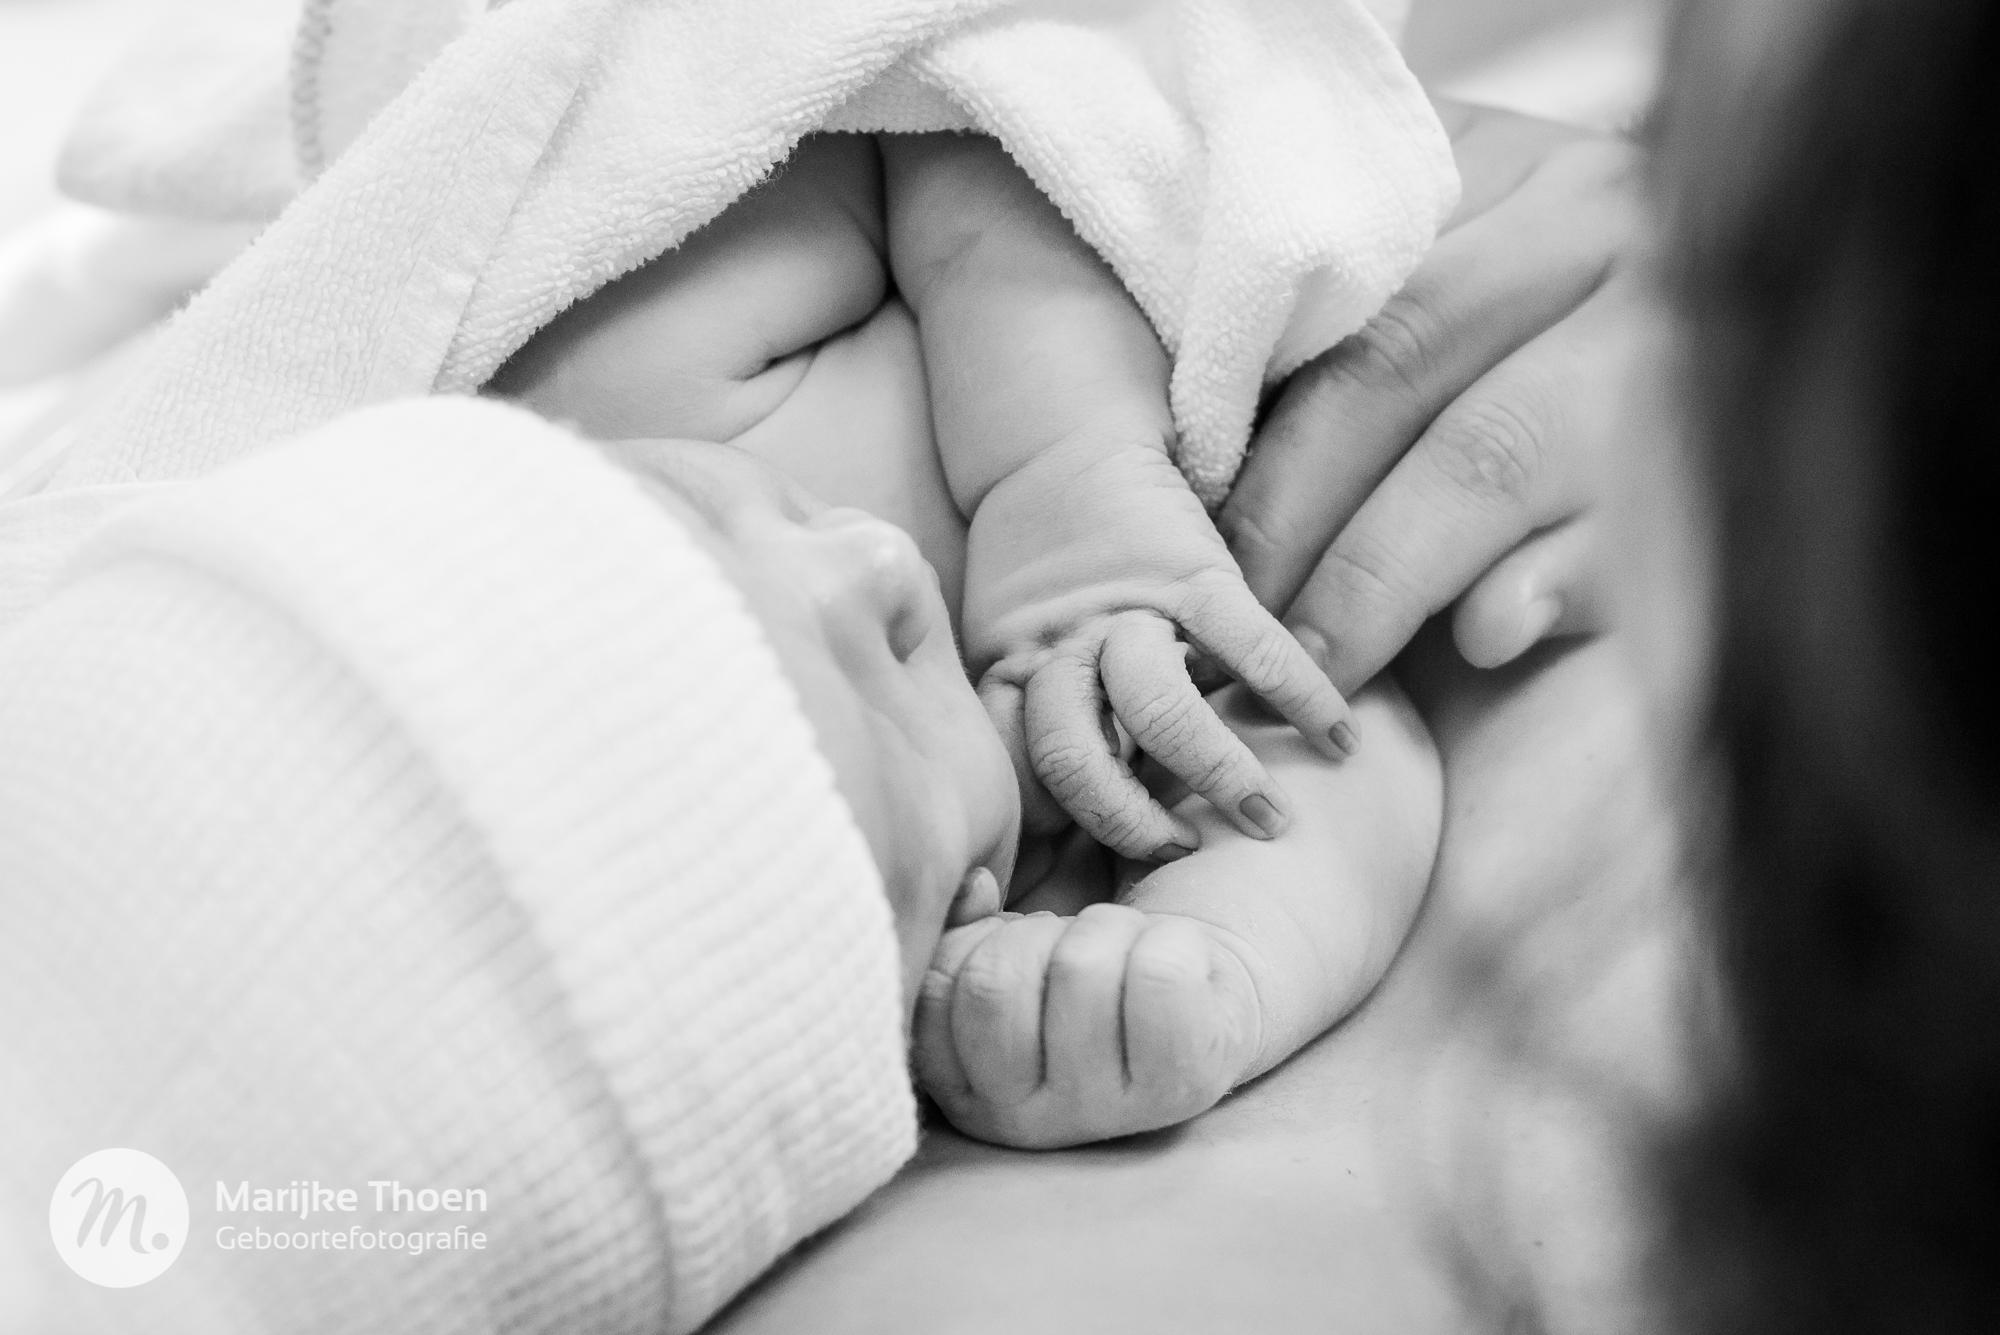 geboortefotograafie marijke thoen vlaanderen -23